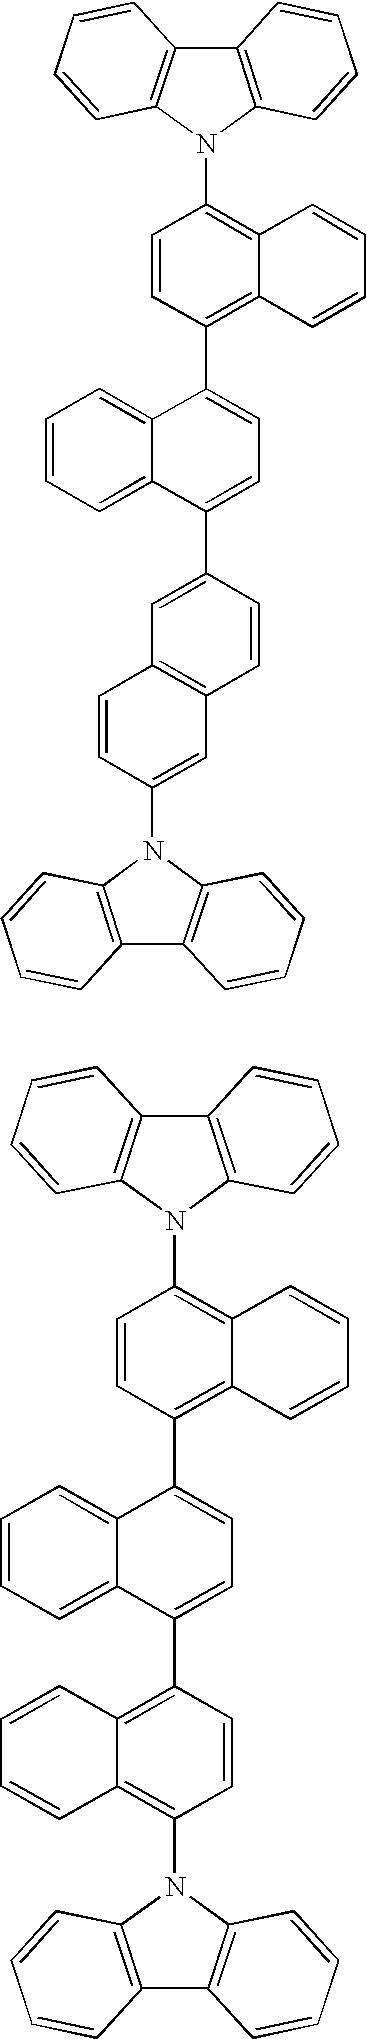 Figure US20100171109A1-20100708-C00079